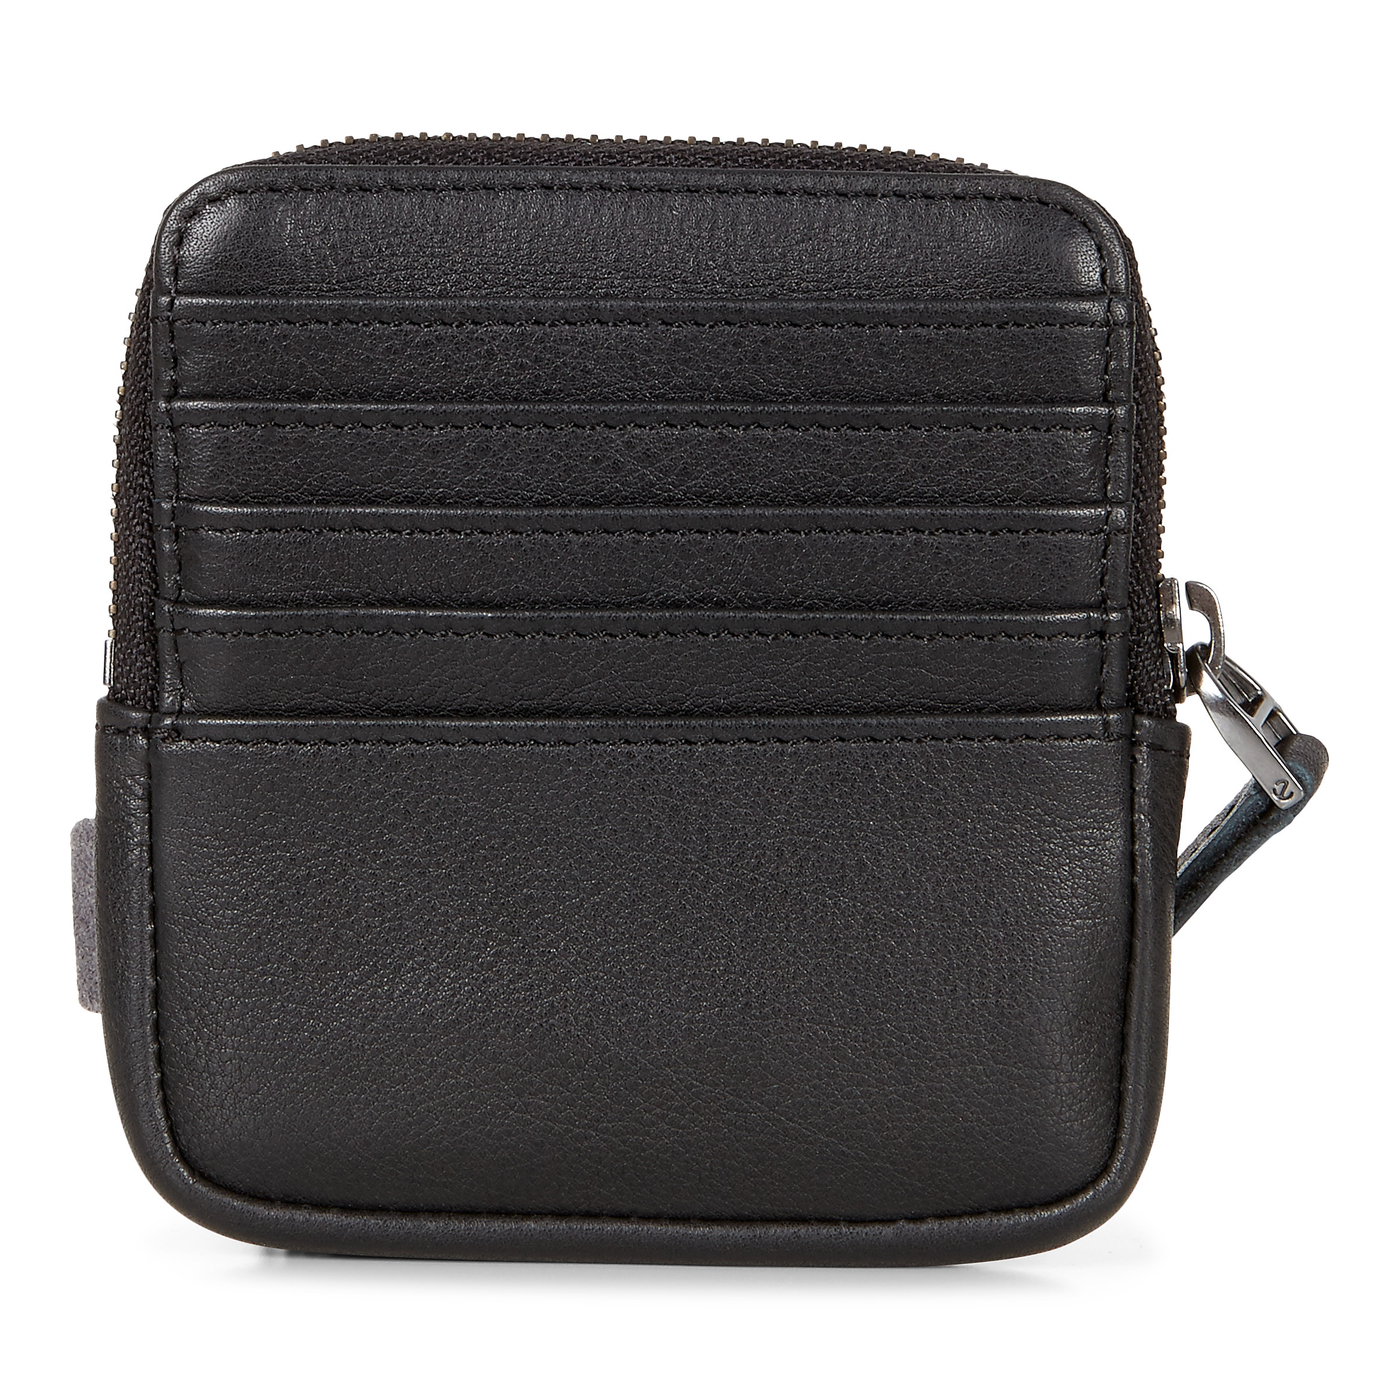 ECCO CASPER Wallet